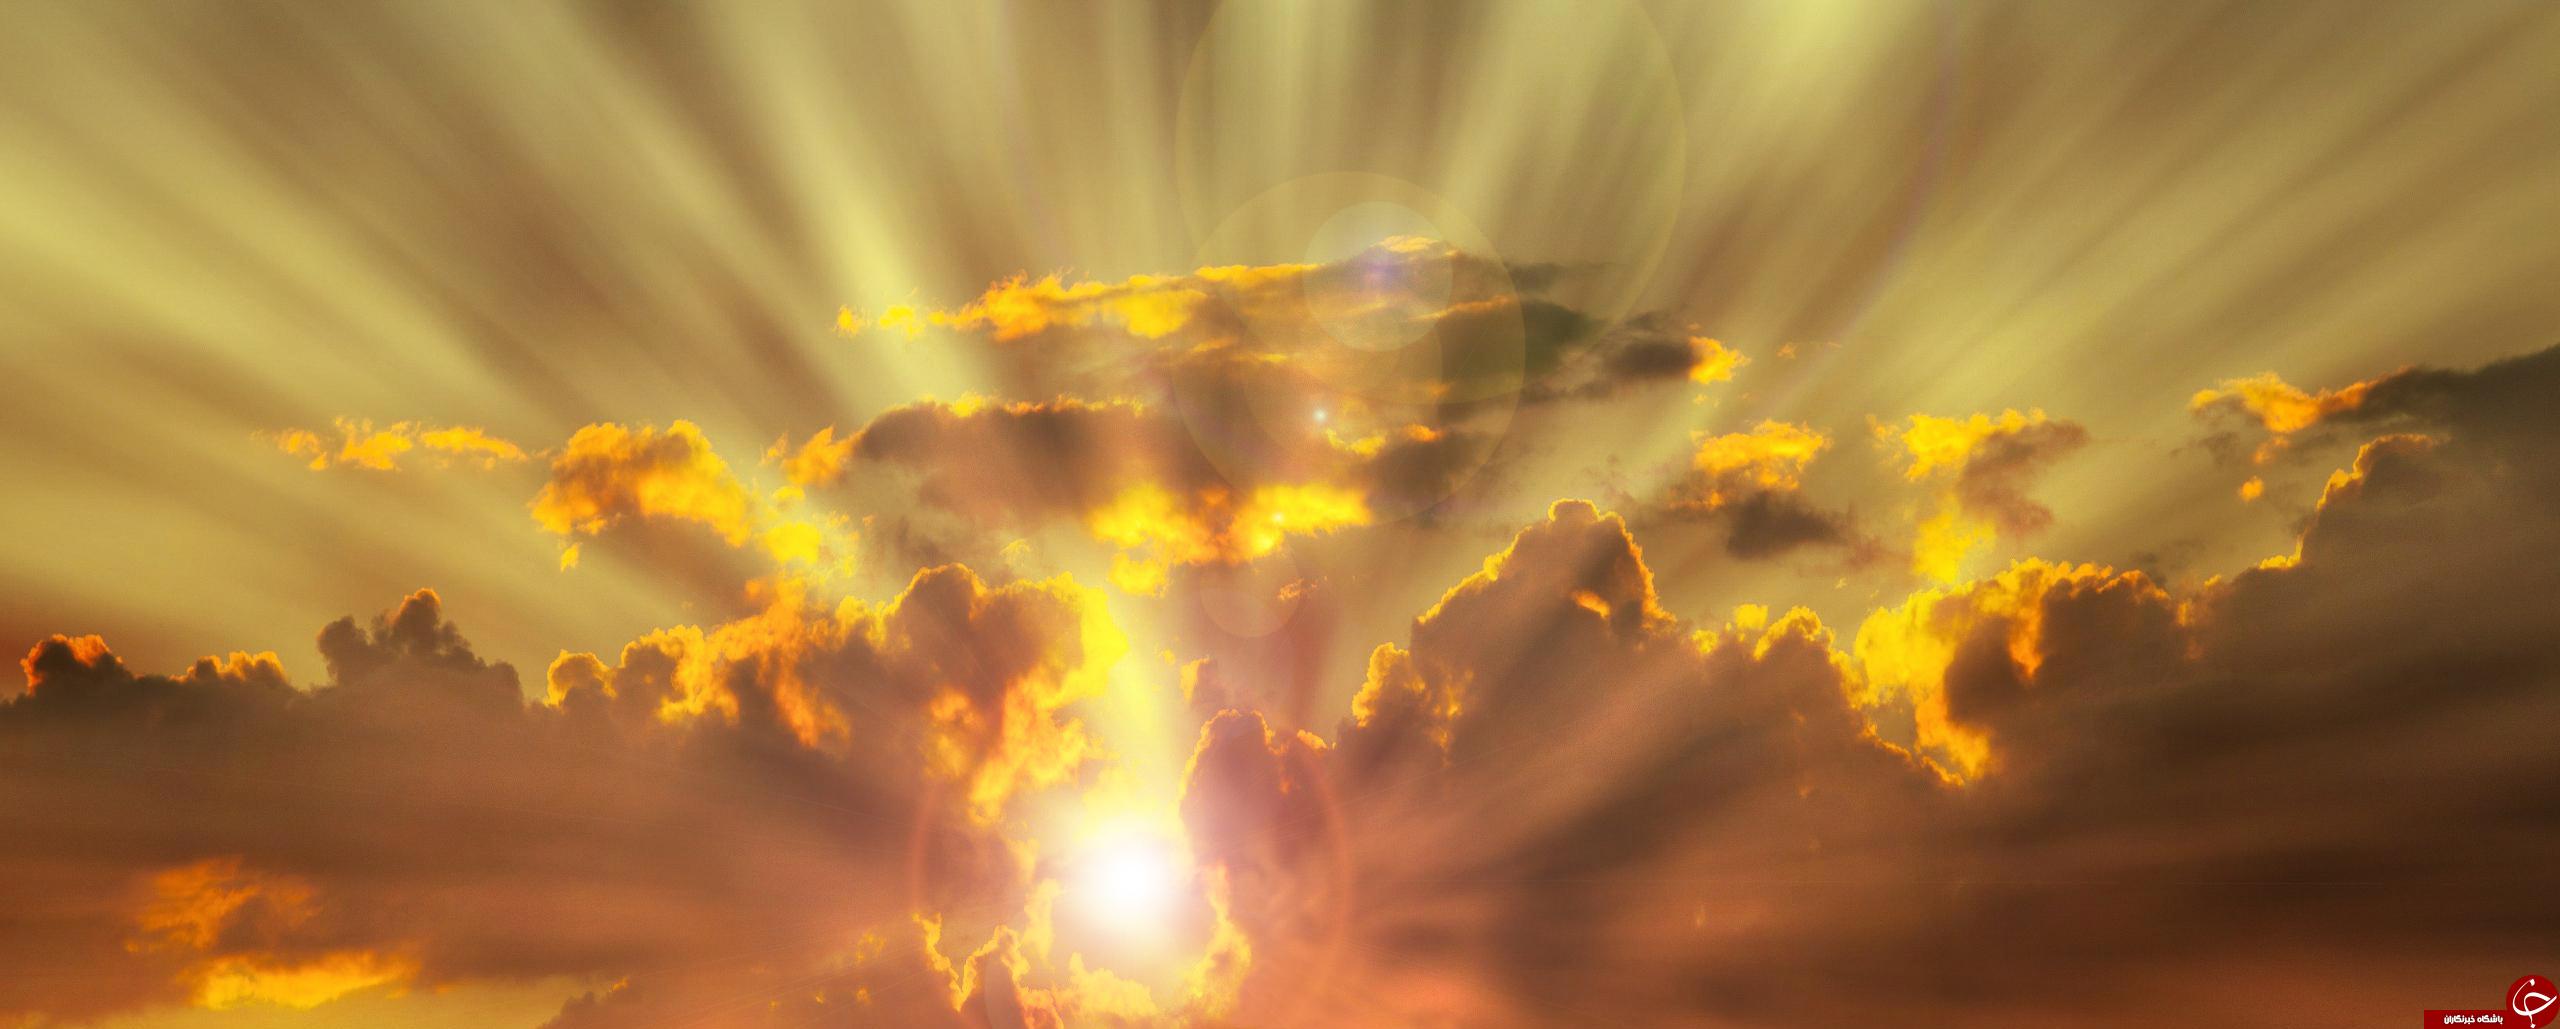 دلیل فرار افراد از یکدیگر در قیامت چیست؟ / چرا افراد در قیامت از یکدیگر میگریزند؟ /